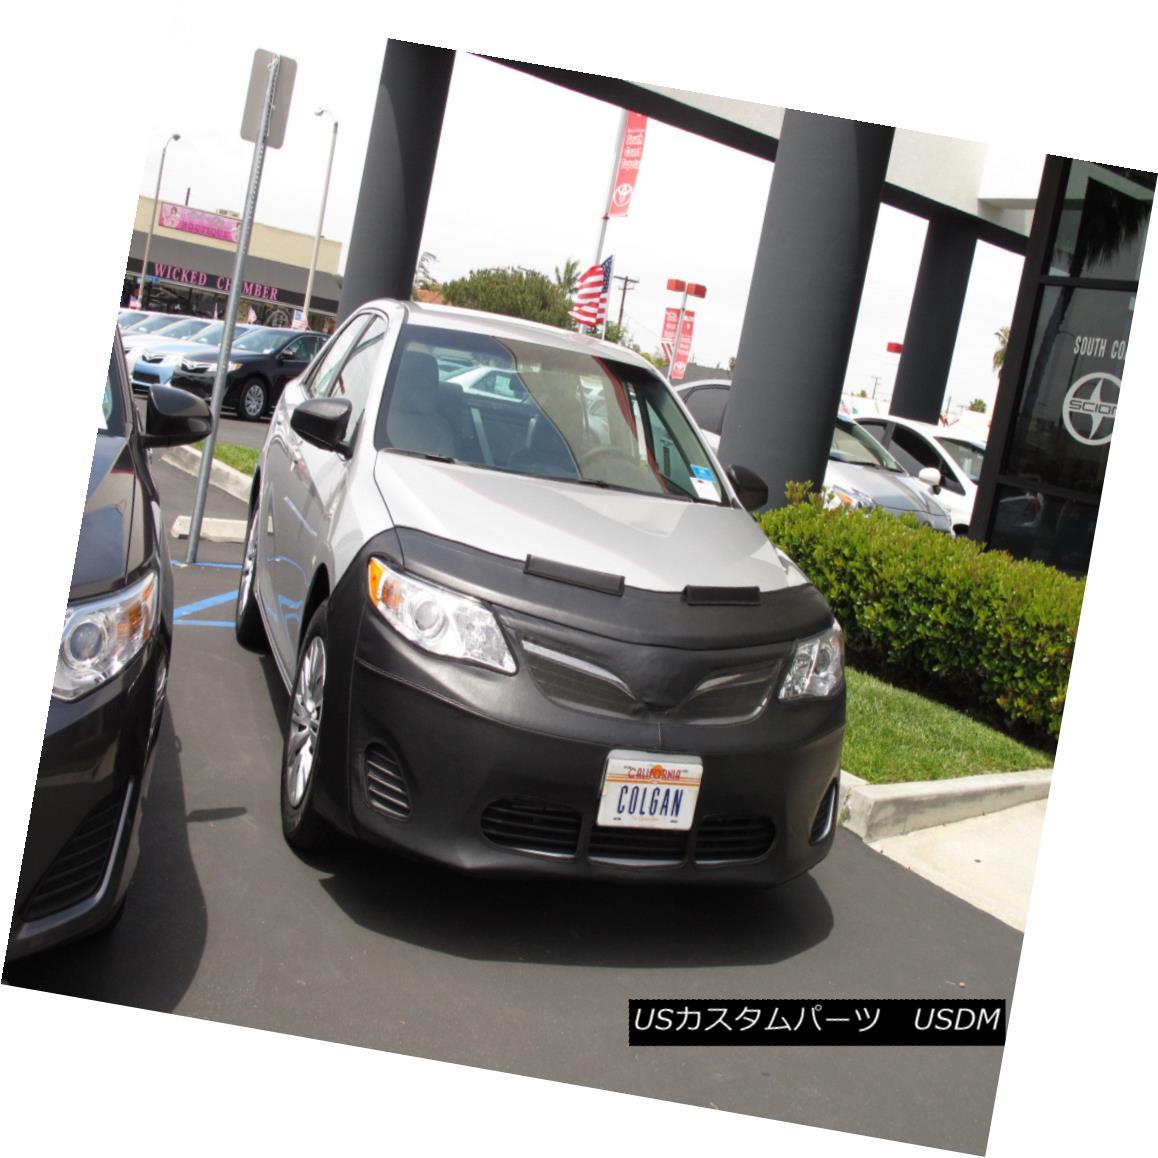 フルブラ ノーズブラ Colgan 2pc. Front Mask Bra + Mirror Covers Fits Toyota Camry 2012-2014 W/Tag コルガン2個。 フロントマスクブラ+ミラーカバーはトヨタカムリ2012-2014 W / Tagに適合